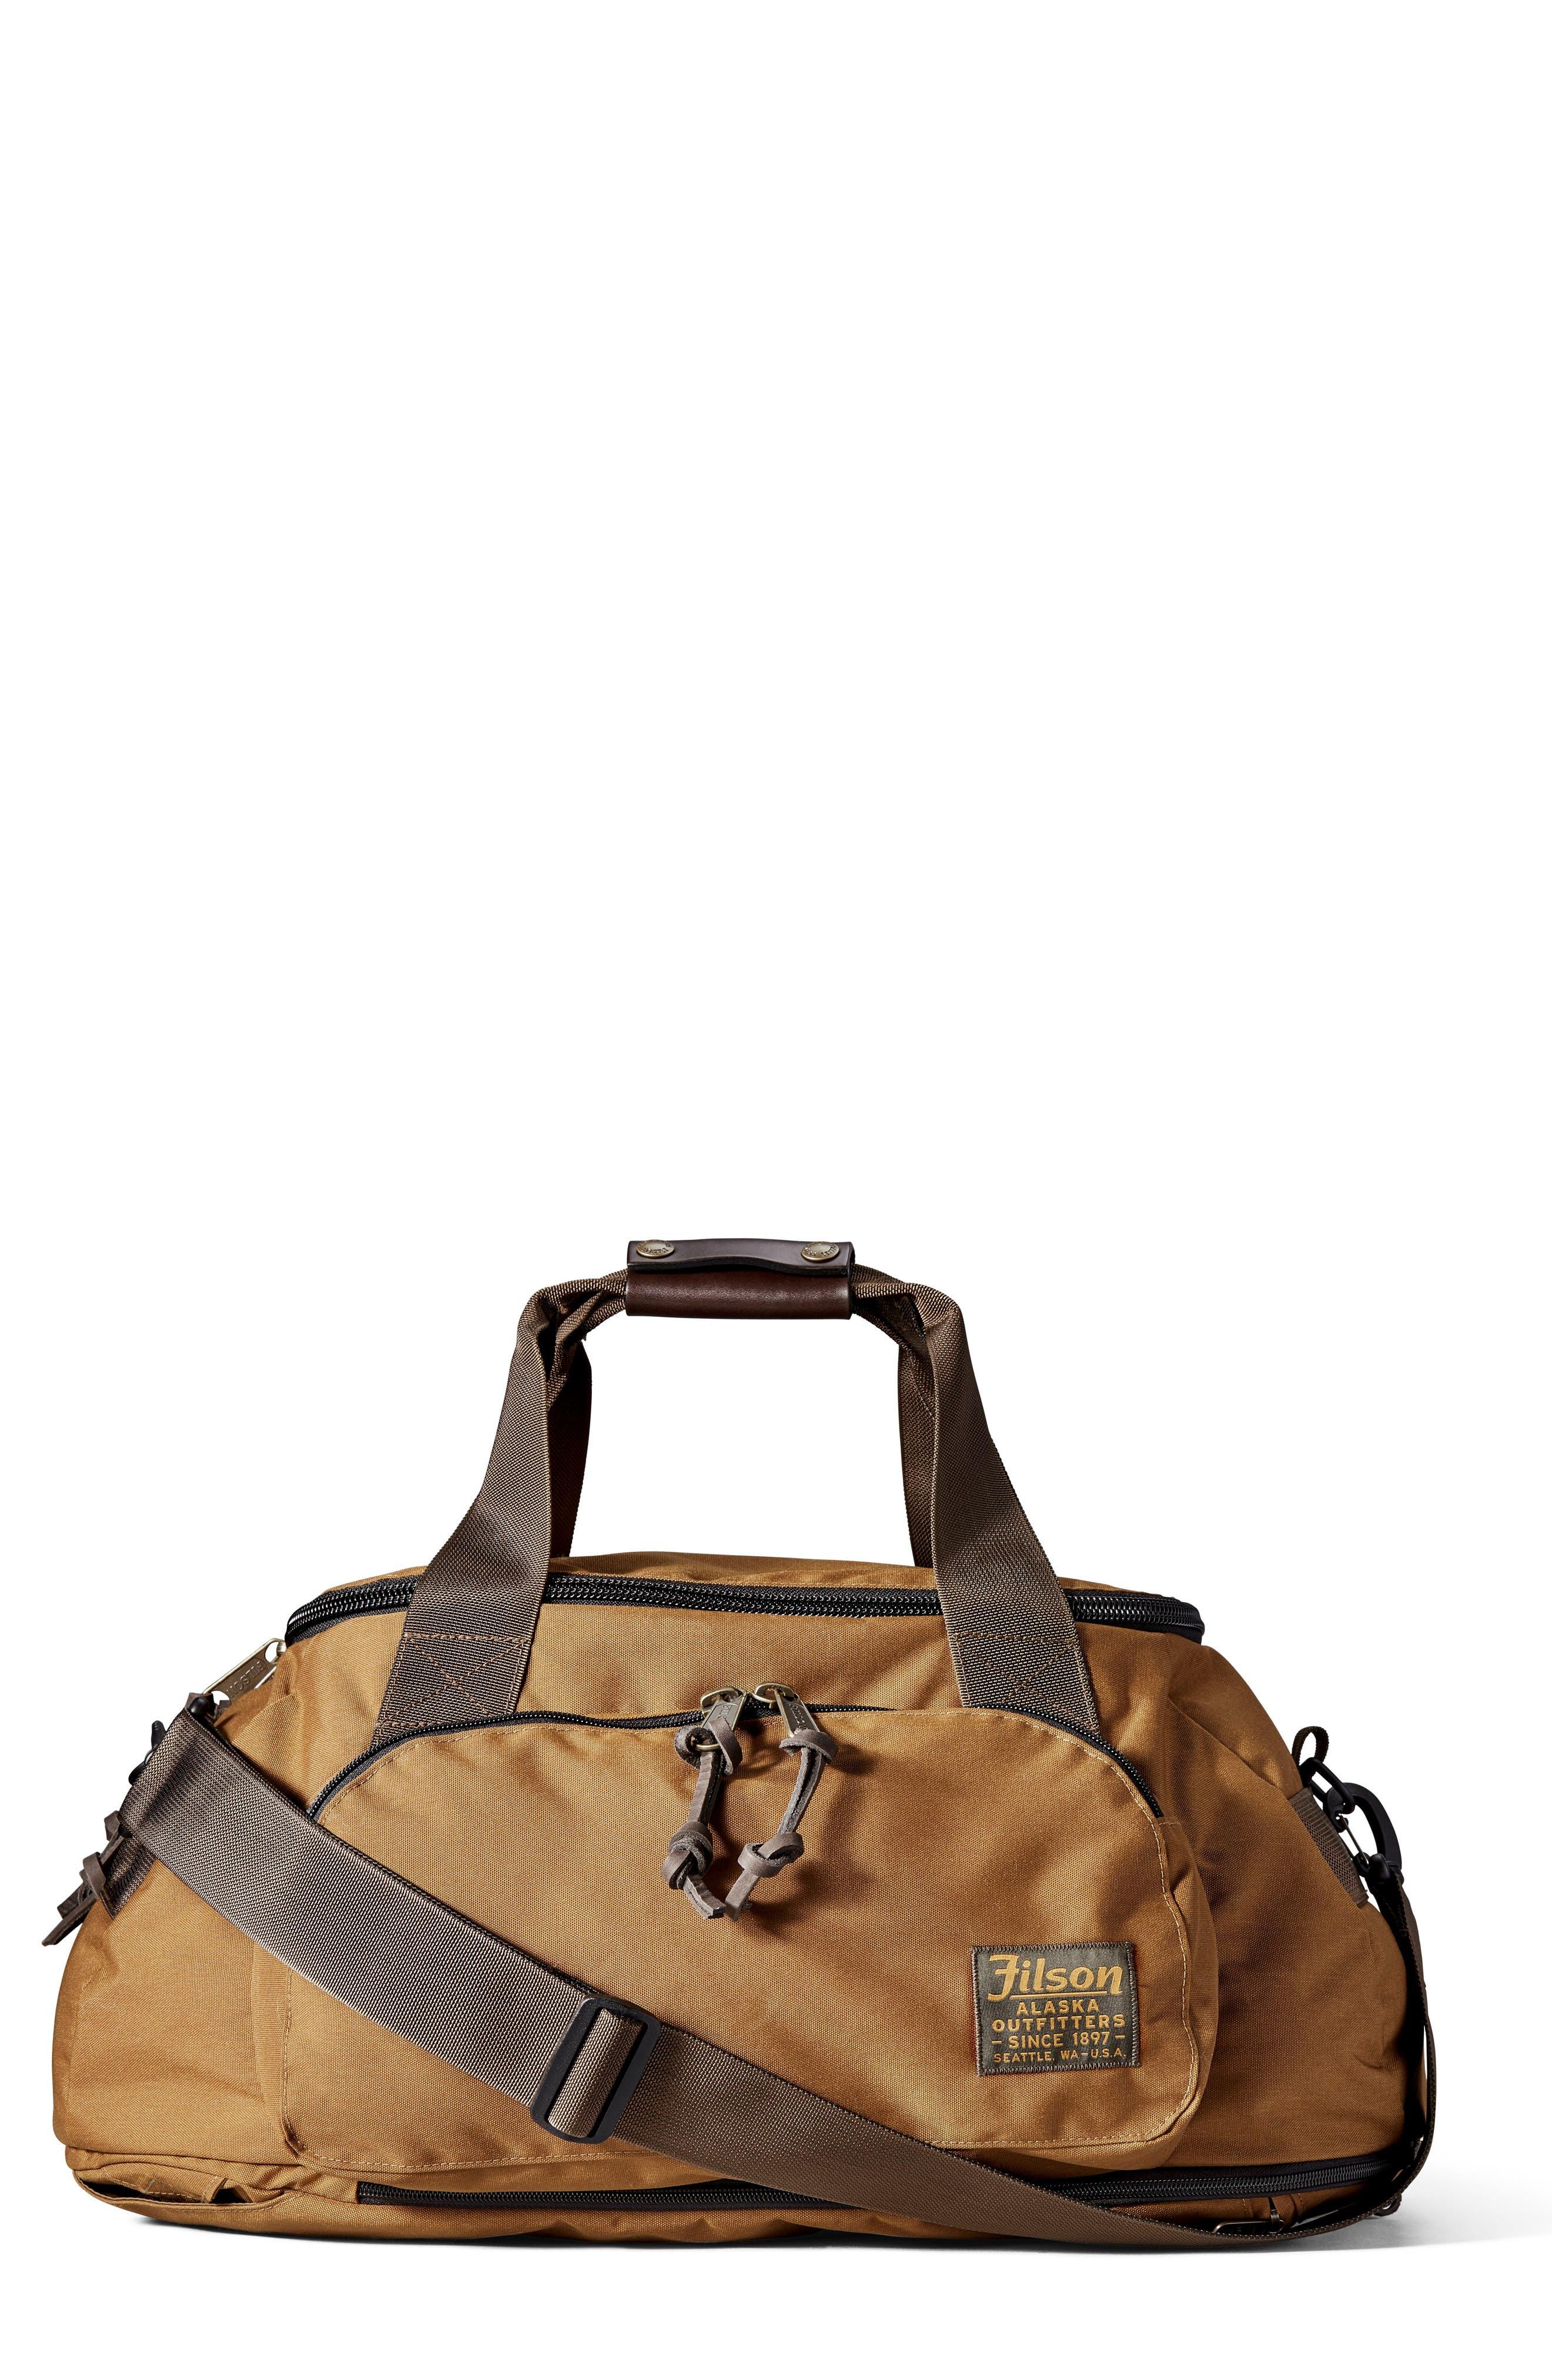 Filson Convertible Duffel Bag